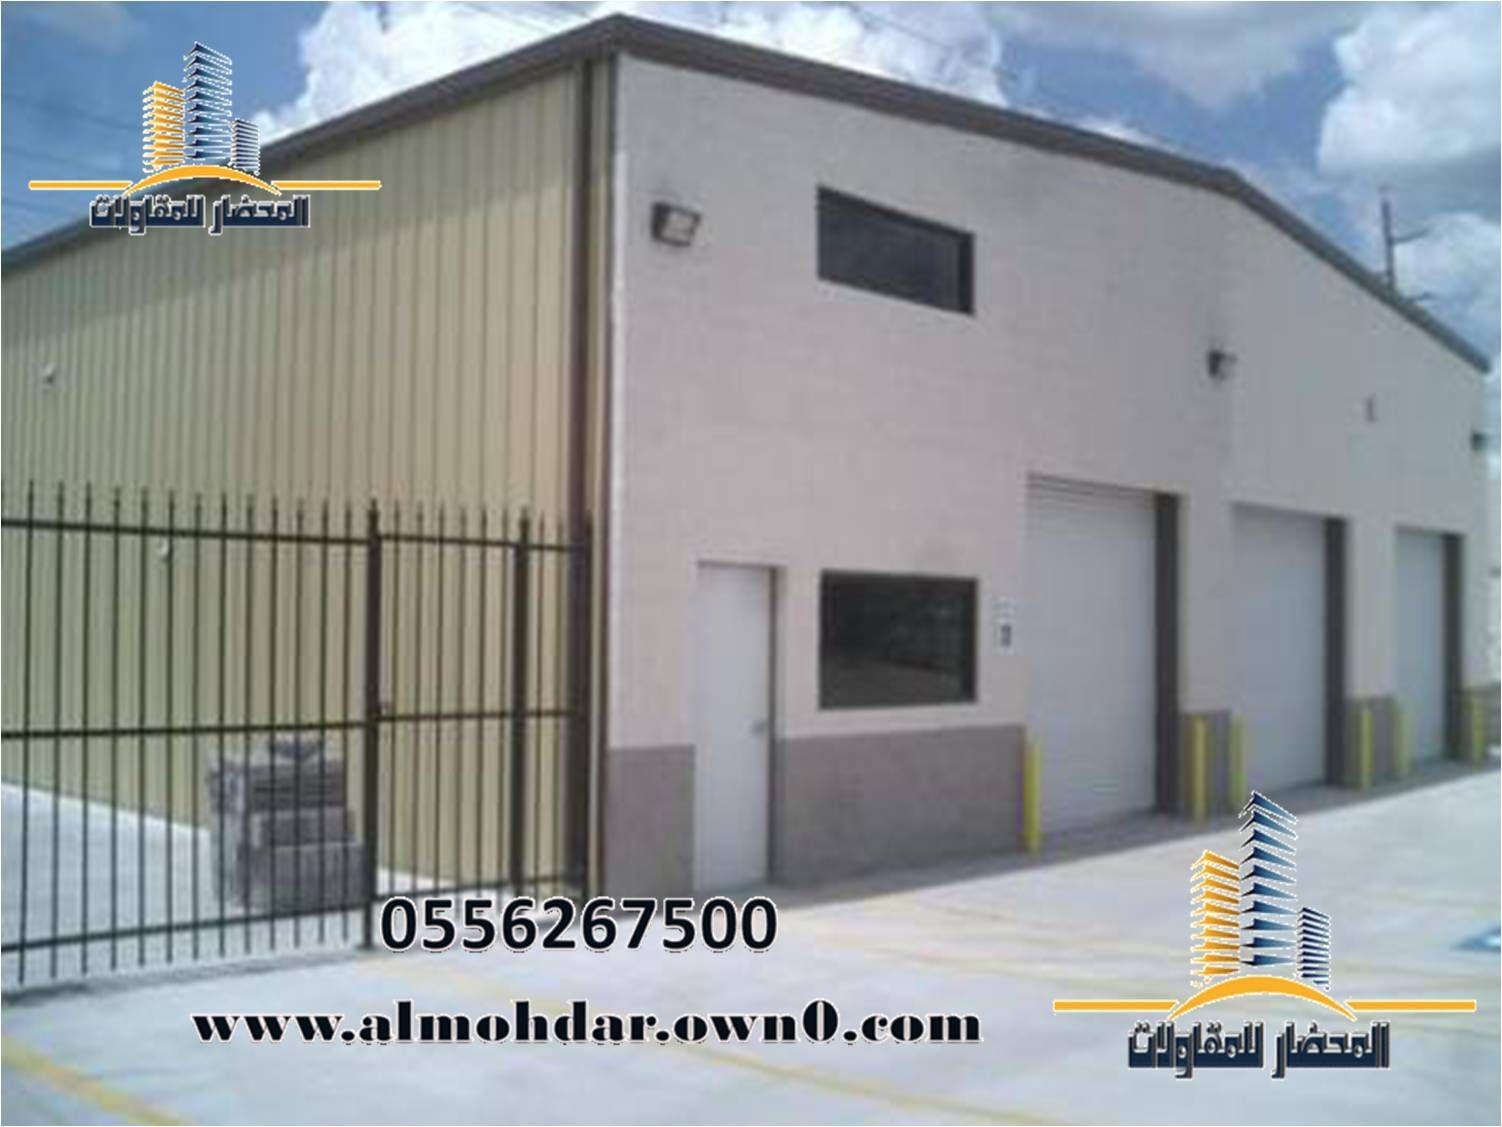 هناجر  المستودعات المصانع المعارض  0504687341